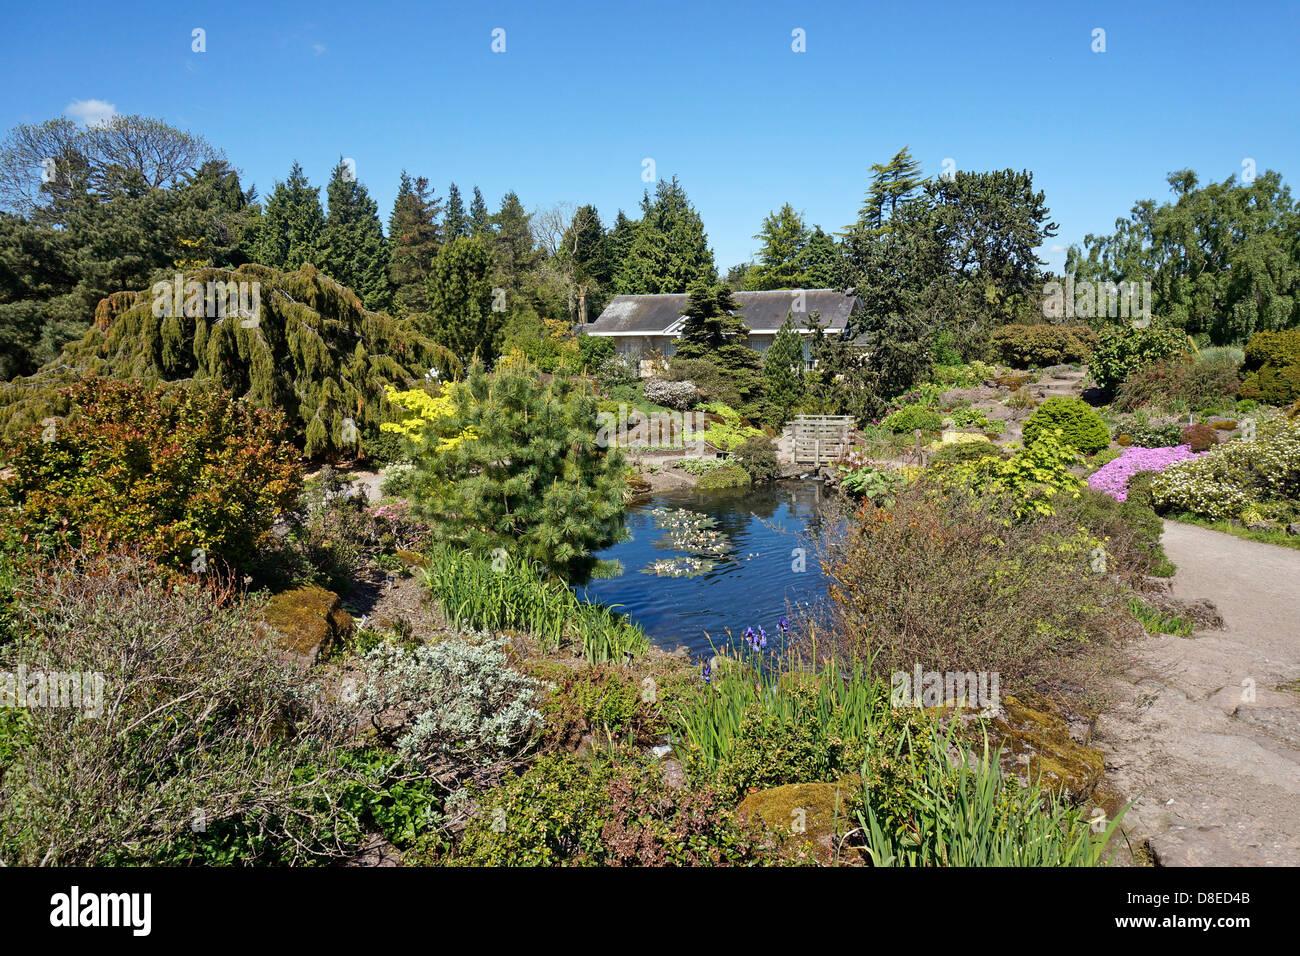 The Rock Garden and stream area of Royal Botanic Garden in Edinburgh Scotland Stock Photo